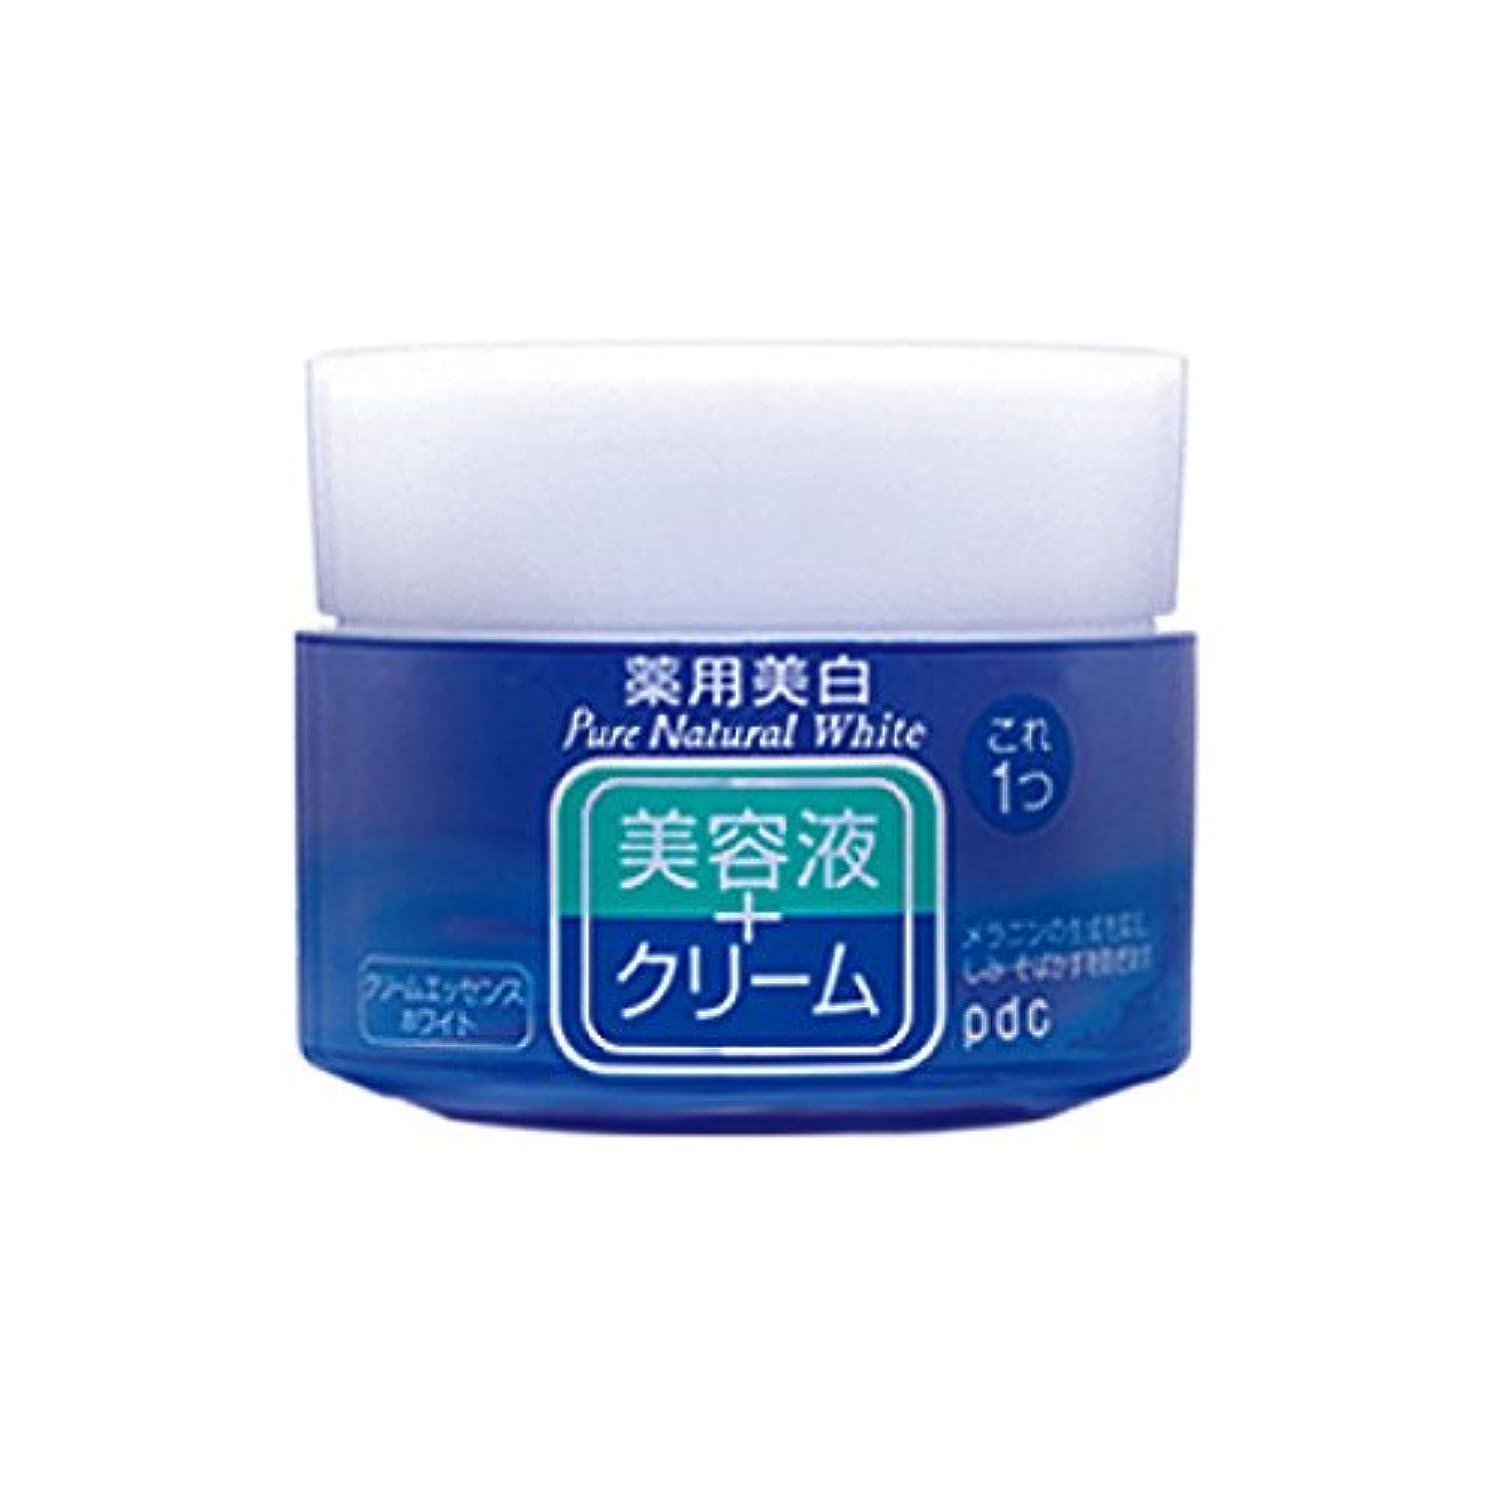 ライン愛国的な霧深いPure NATURAL(ピュアナチュラル) クリームエッセンス ホワイト 100g (医薬部外品)